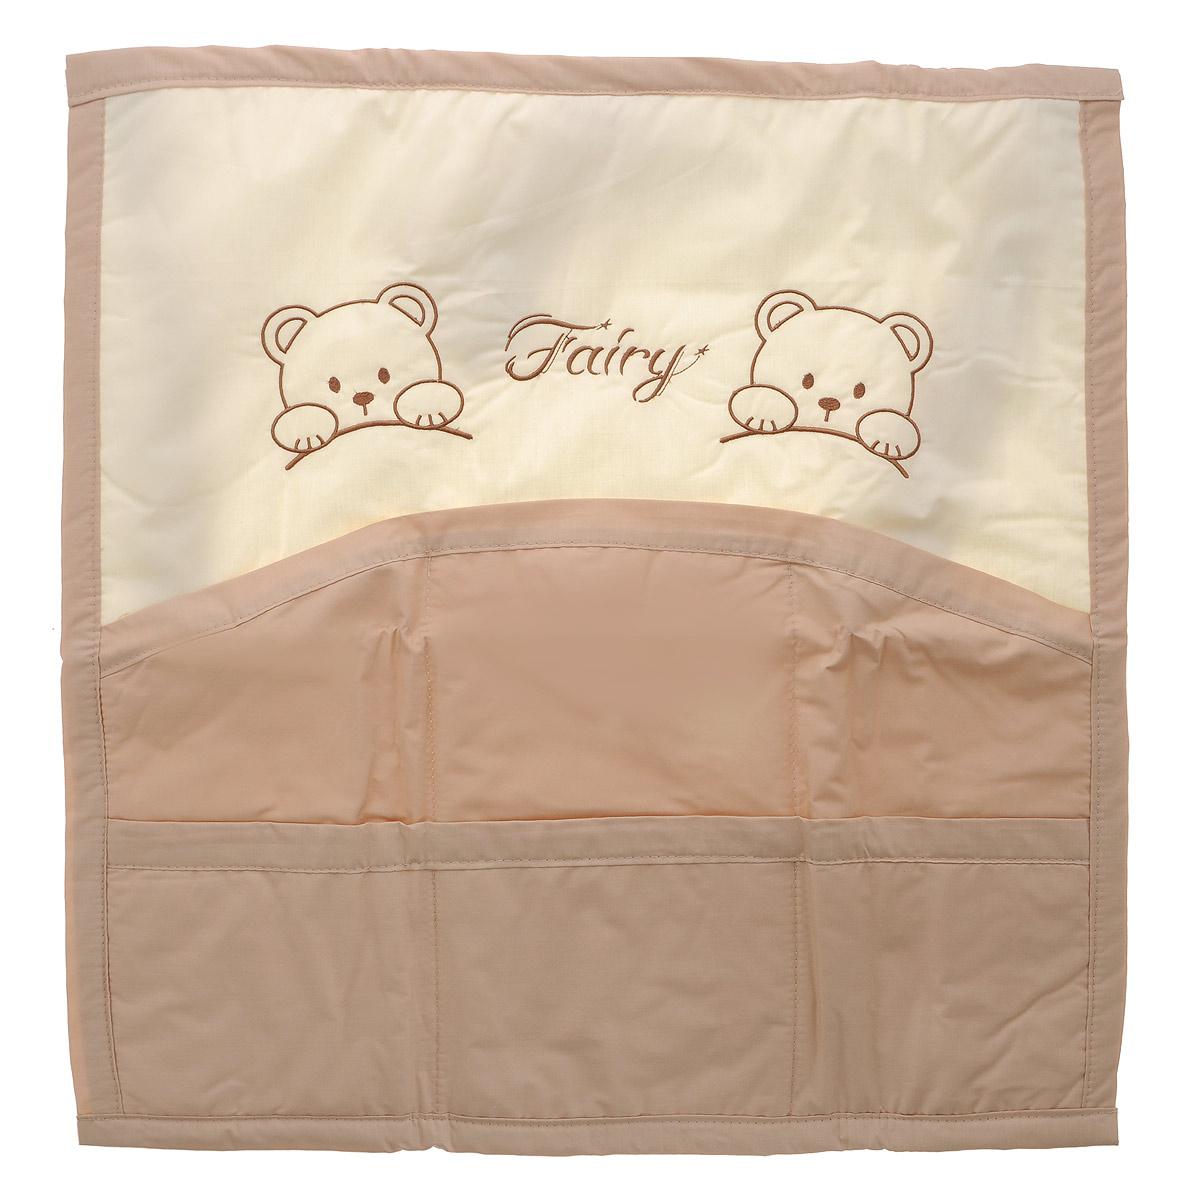 Карман на кроватку Fairy Мишки, цвет: молочный, бежевый, 59 см х 60 см fairy сумка для пеленок и подгузников жирафик